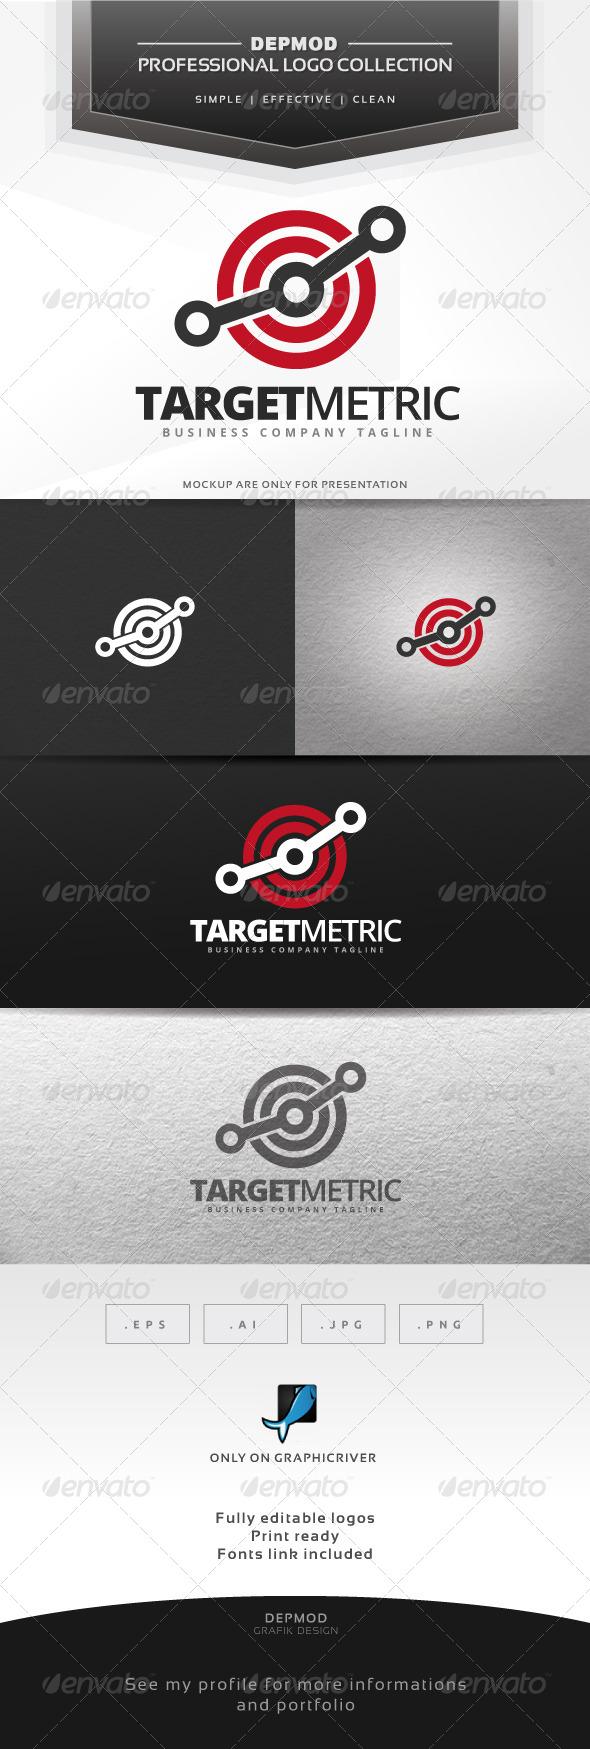 Target Metric Logo